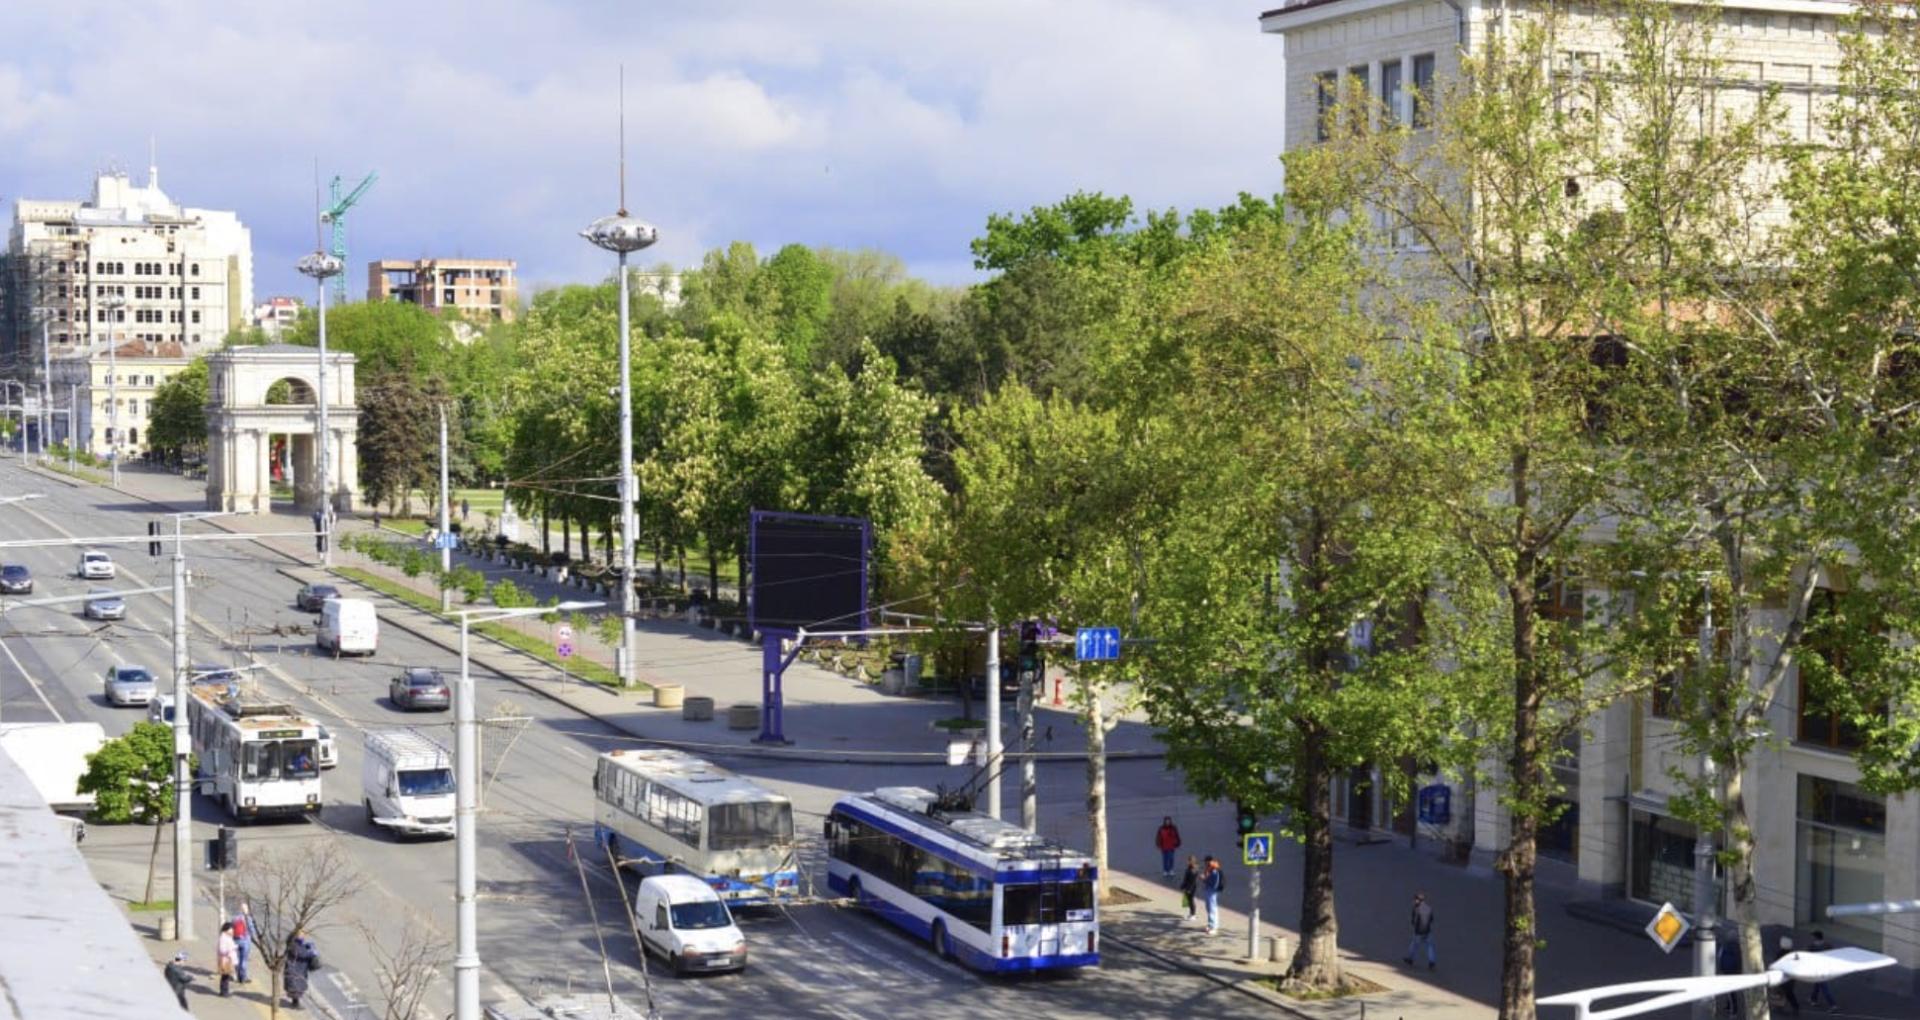 Primăria municipiului Chișinău solicită opinia cetățenilor pentru formularea viziunii despre viitorul orașului